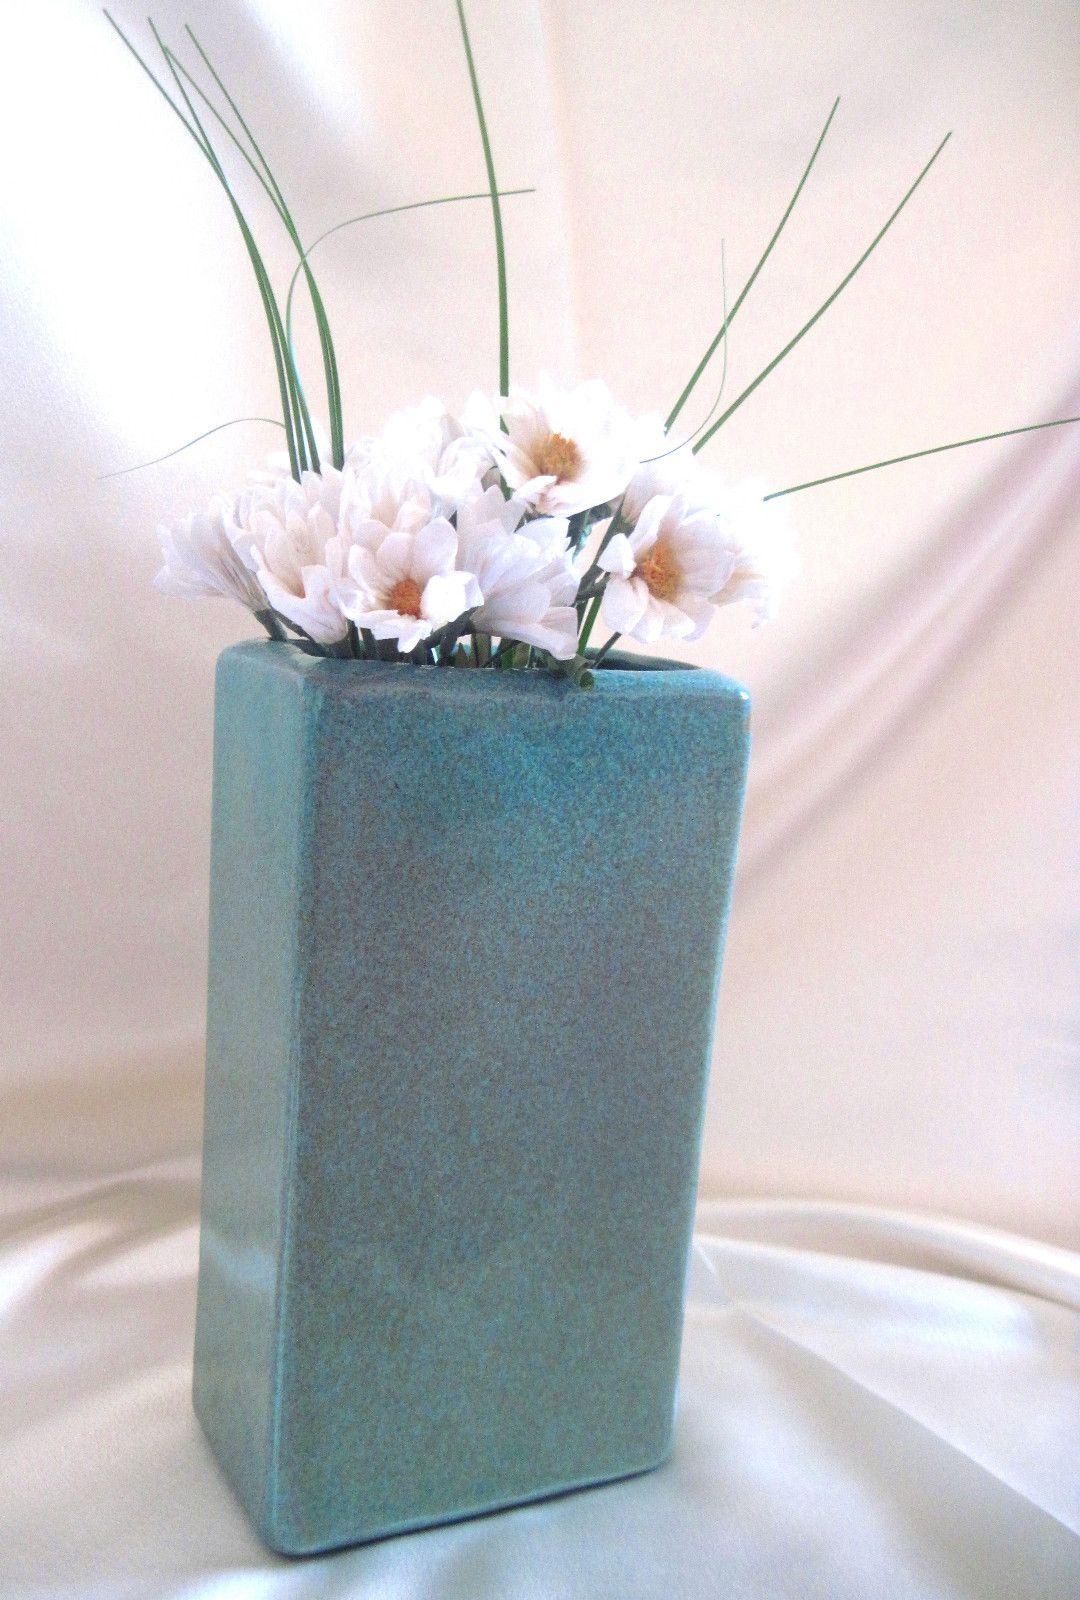 Glidden Pillow Vase Circa 1940's/1950's | eBay